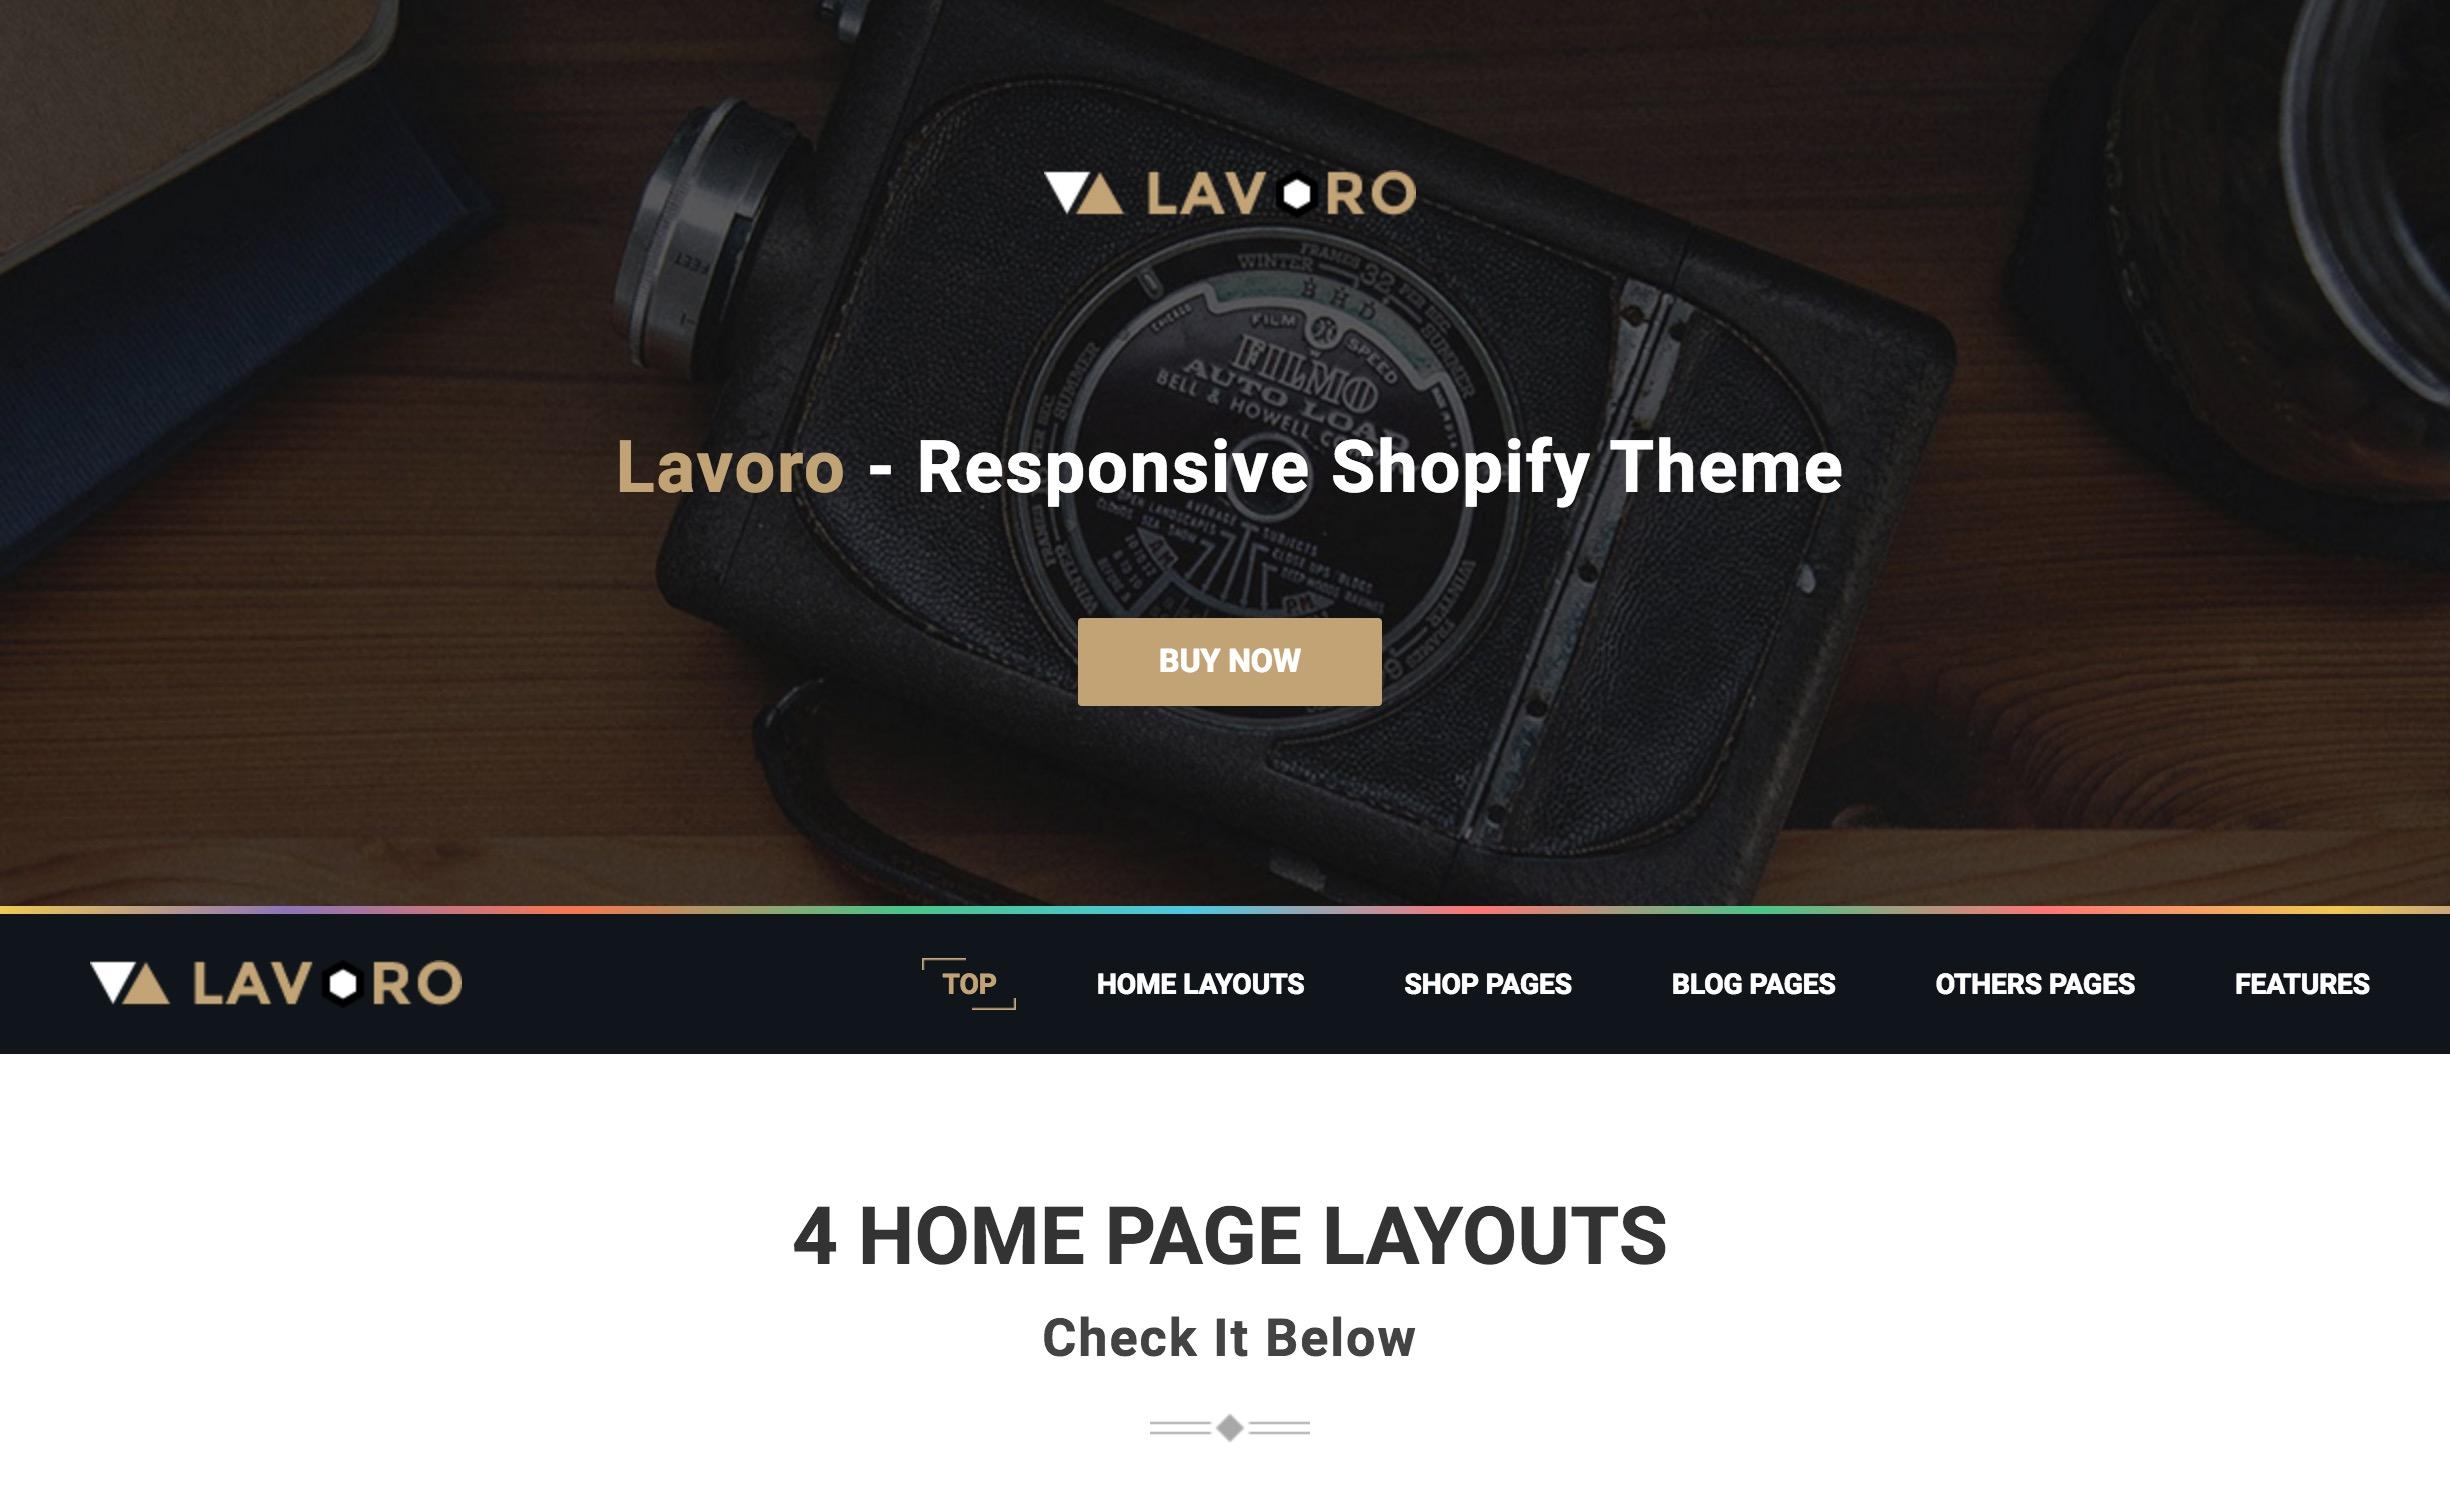 Lavoro shopify theme